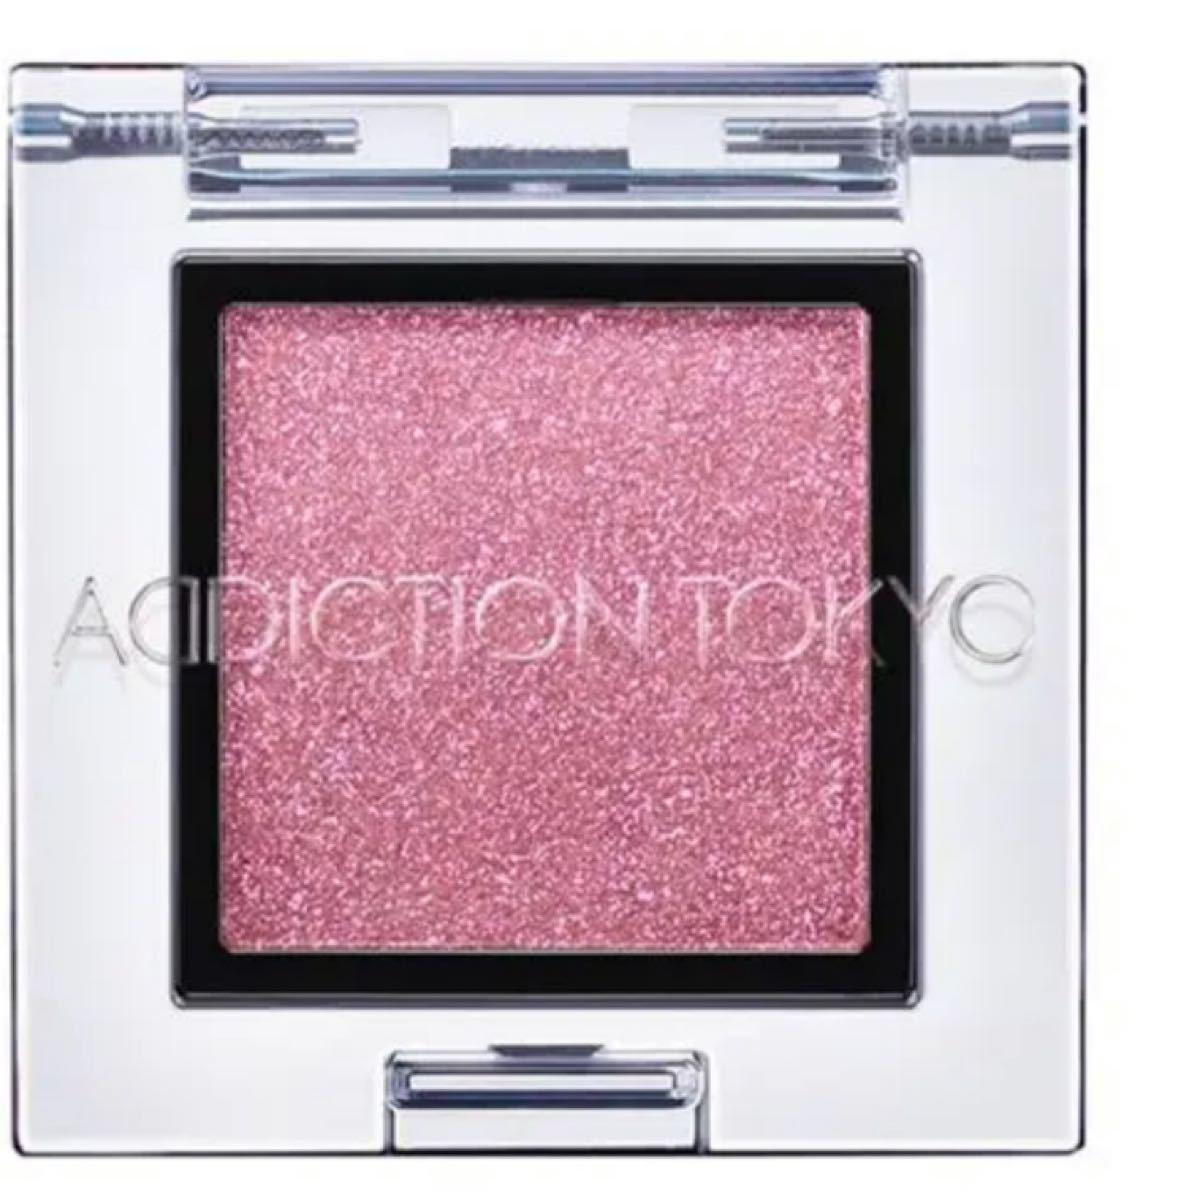 ADDICTION アディクション 101P ソーアミュージング アイシャドウ 限定 ピンク パール 限定色 新品 未使用 箱あり